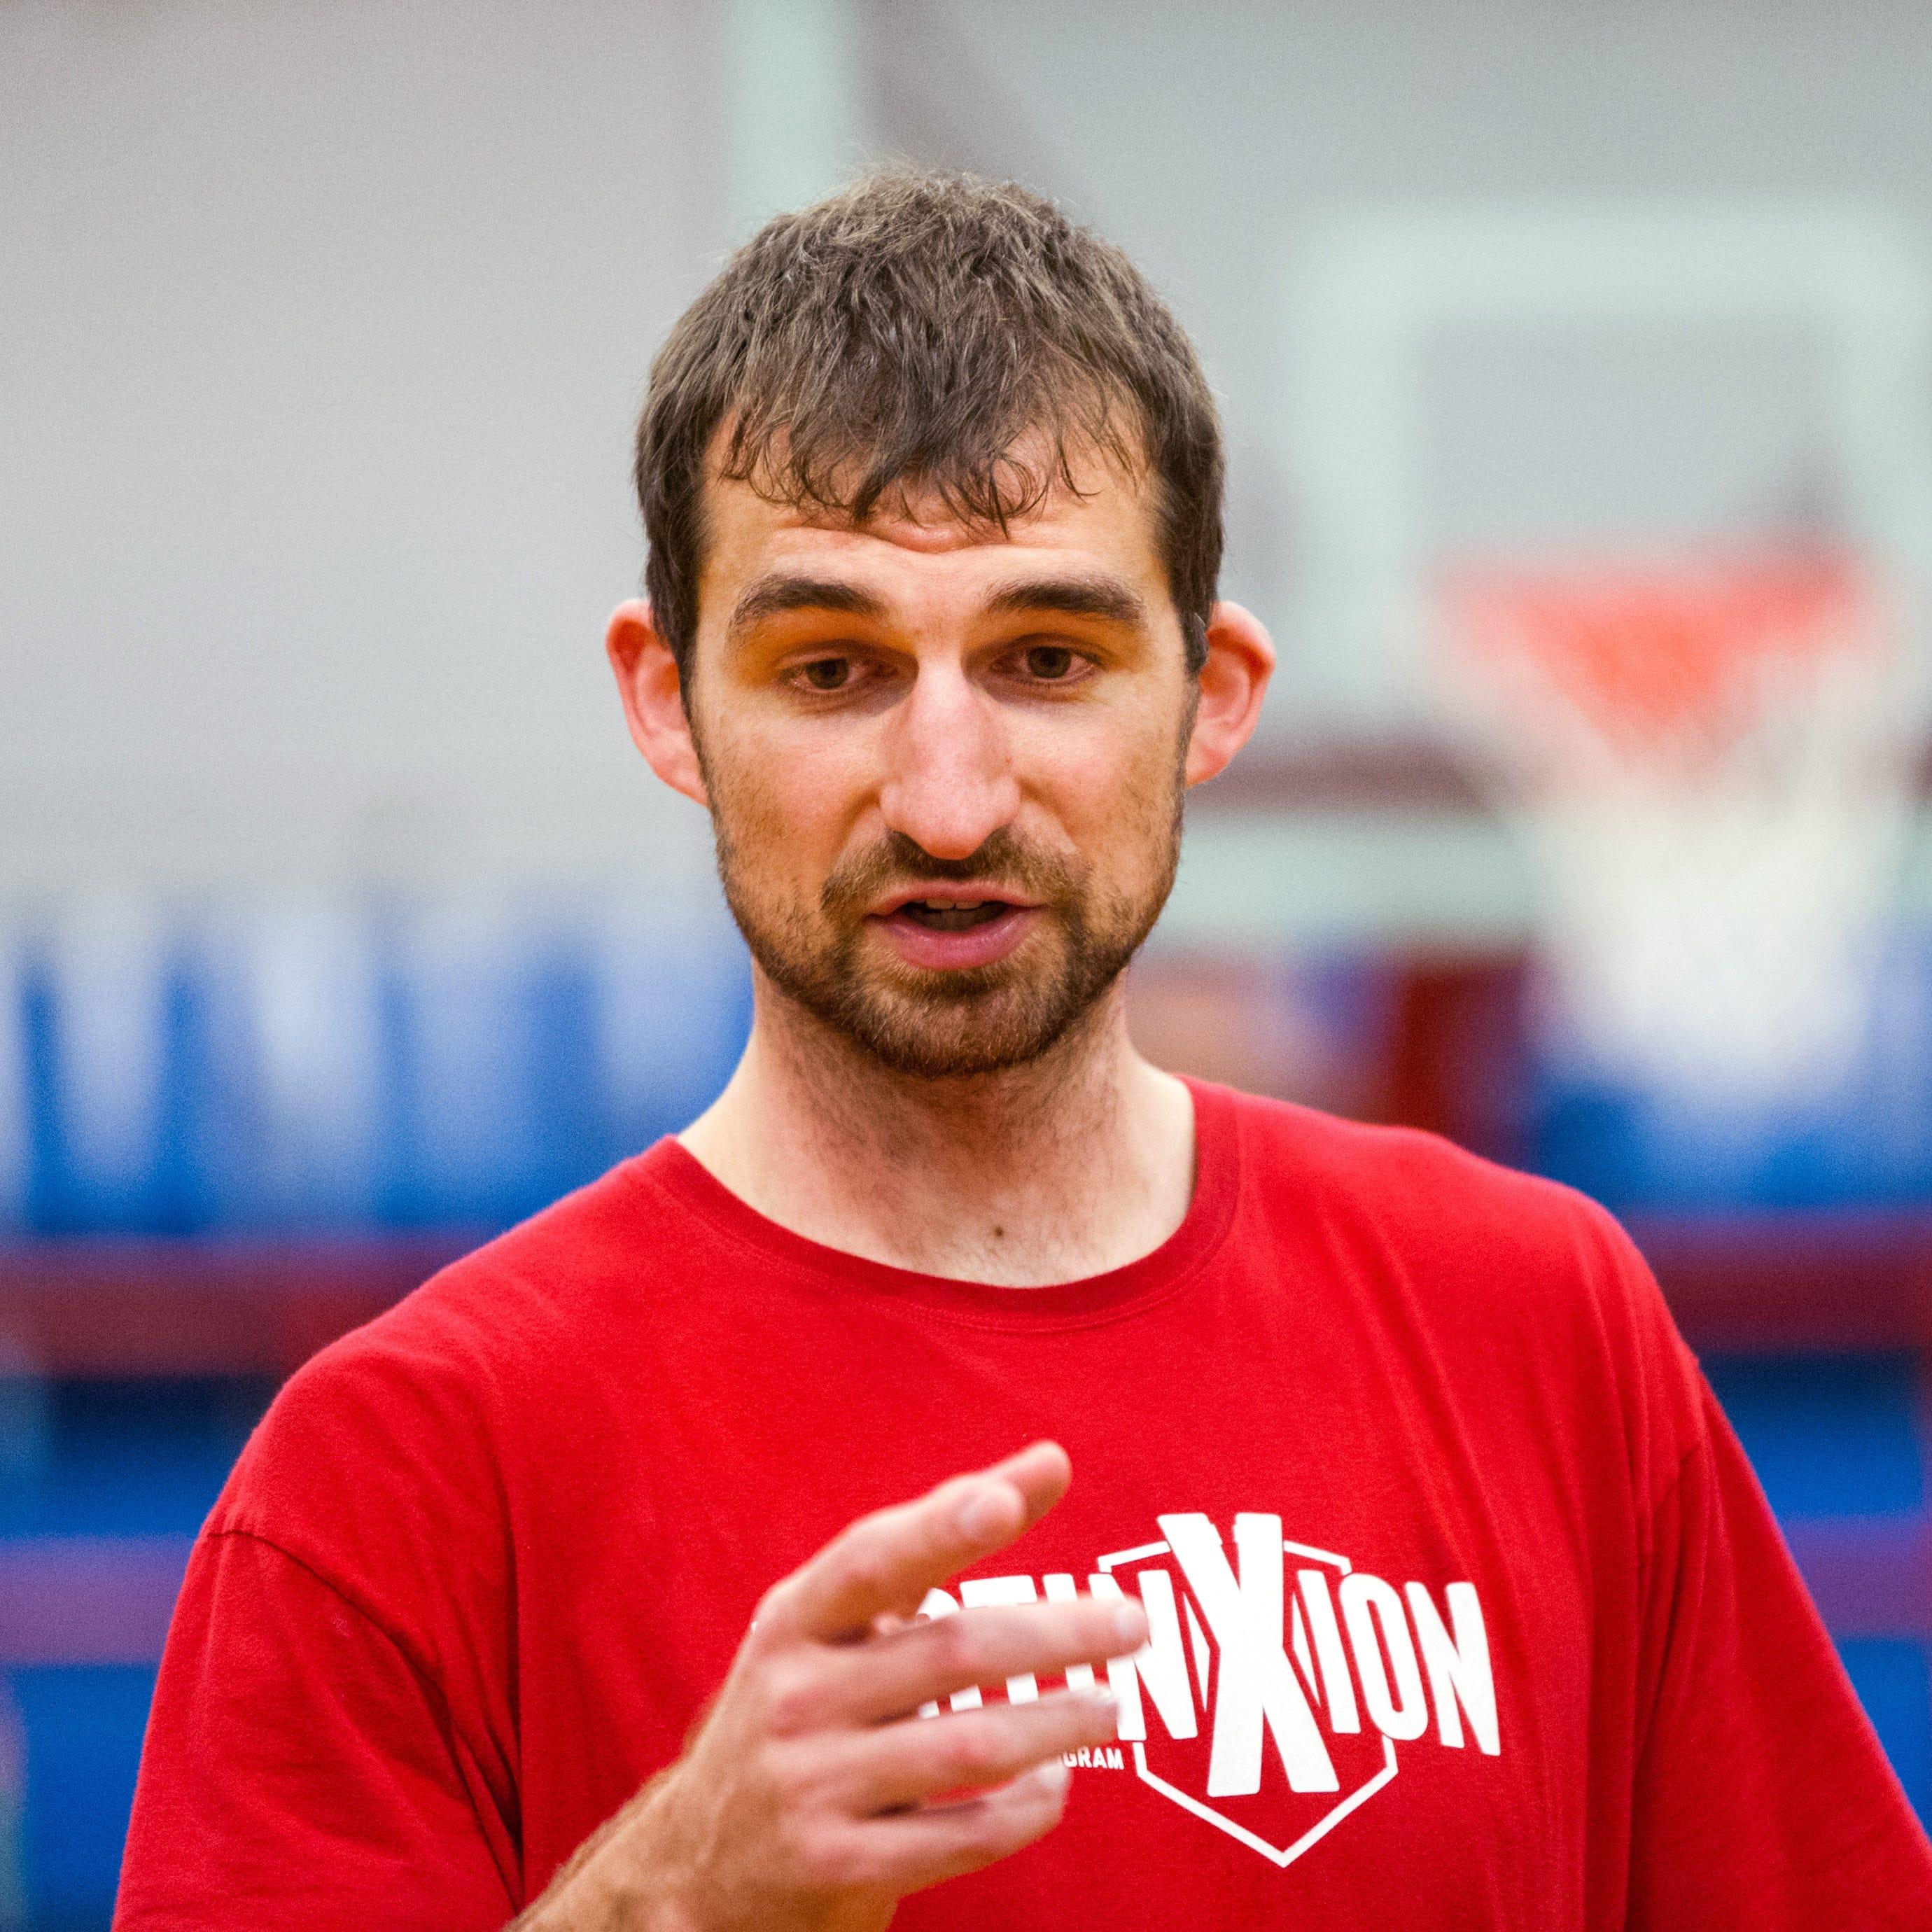 Luke Zeller Q&A: 2005 Indiana Mr. Basketball talks psychology through 'pounding the rock'